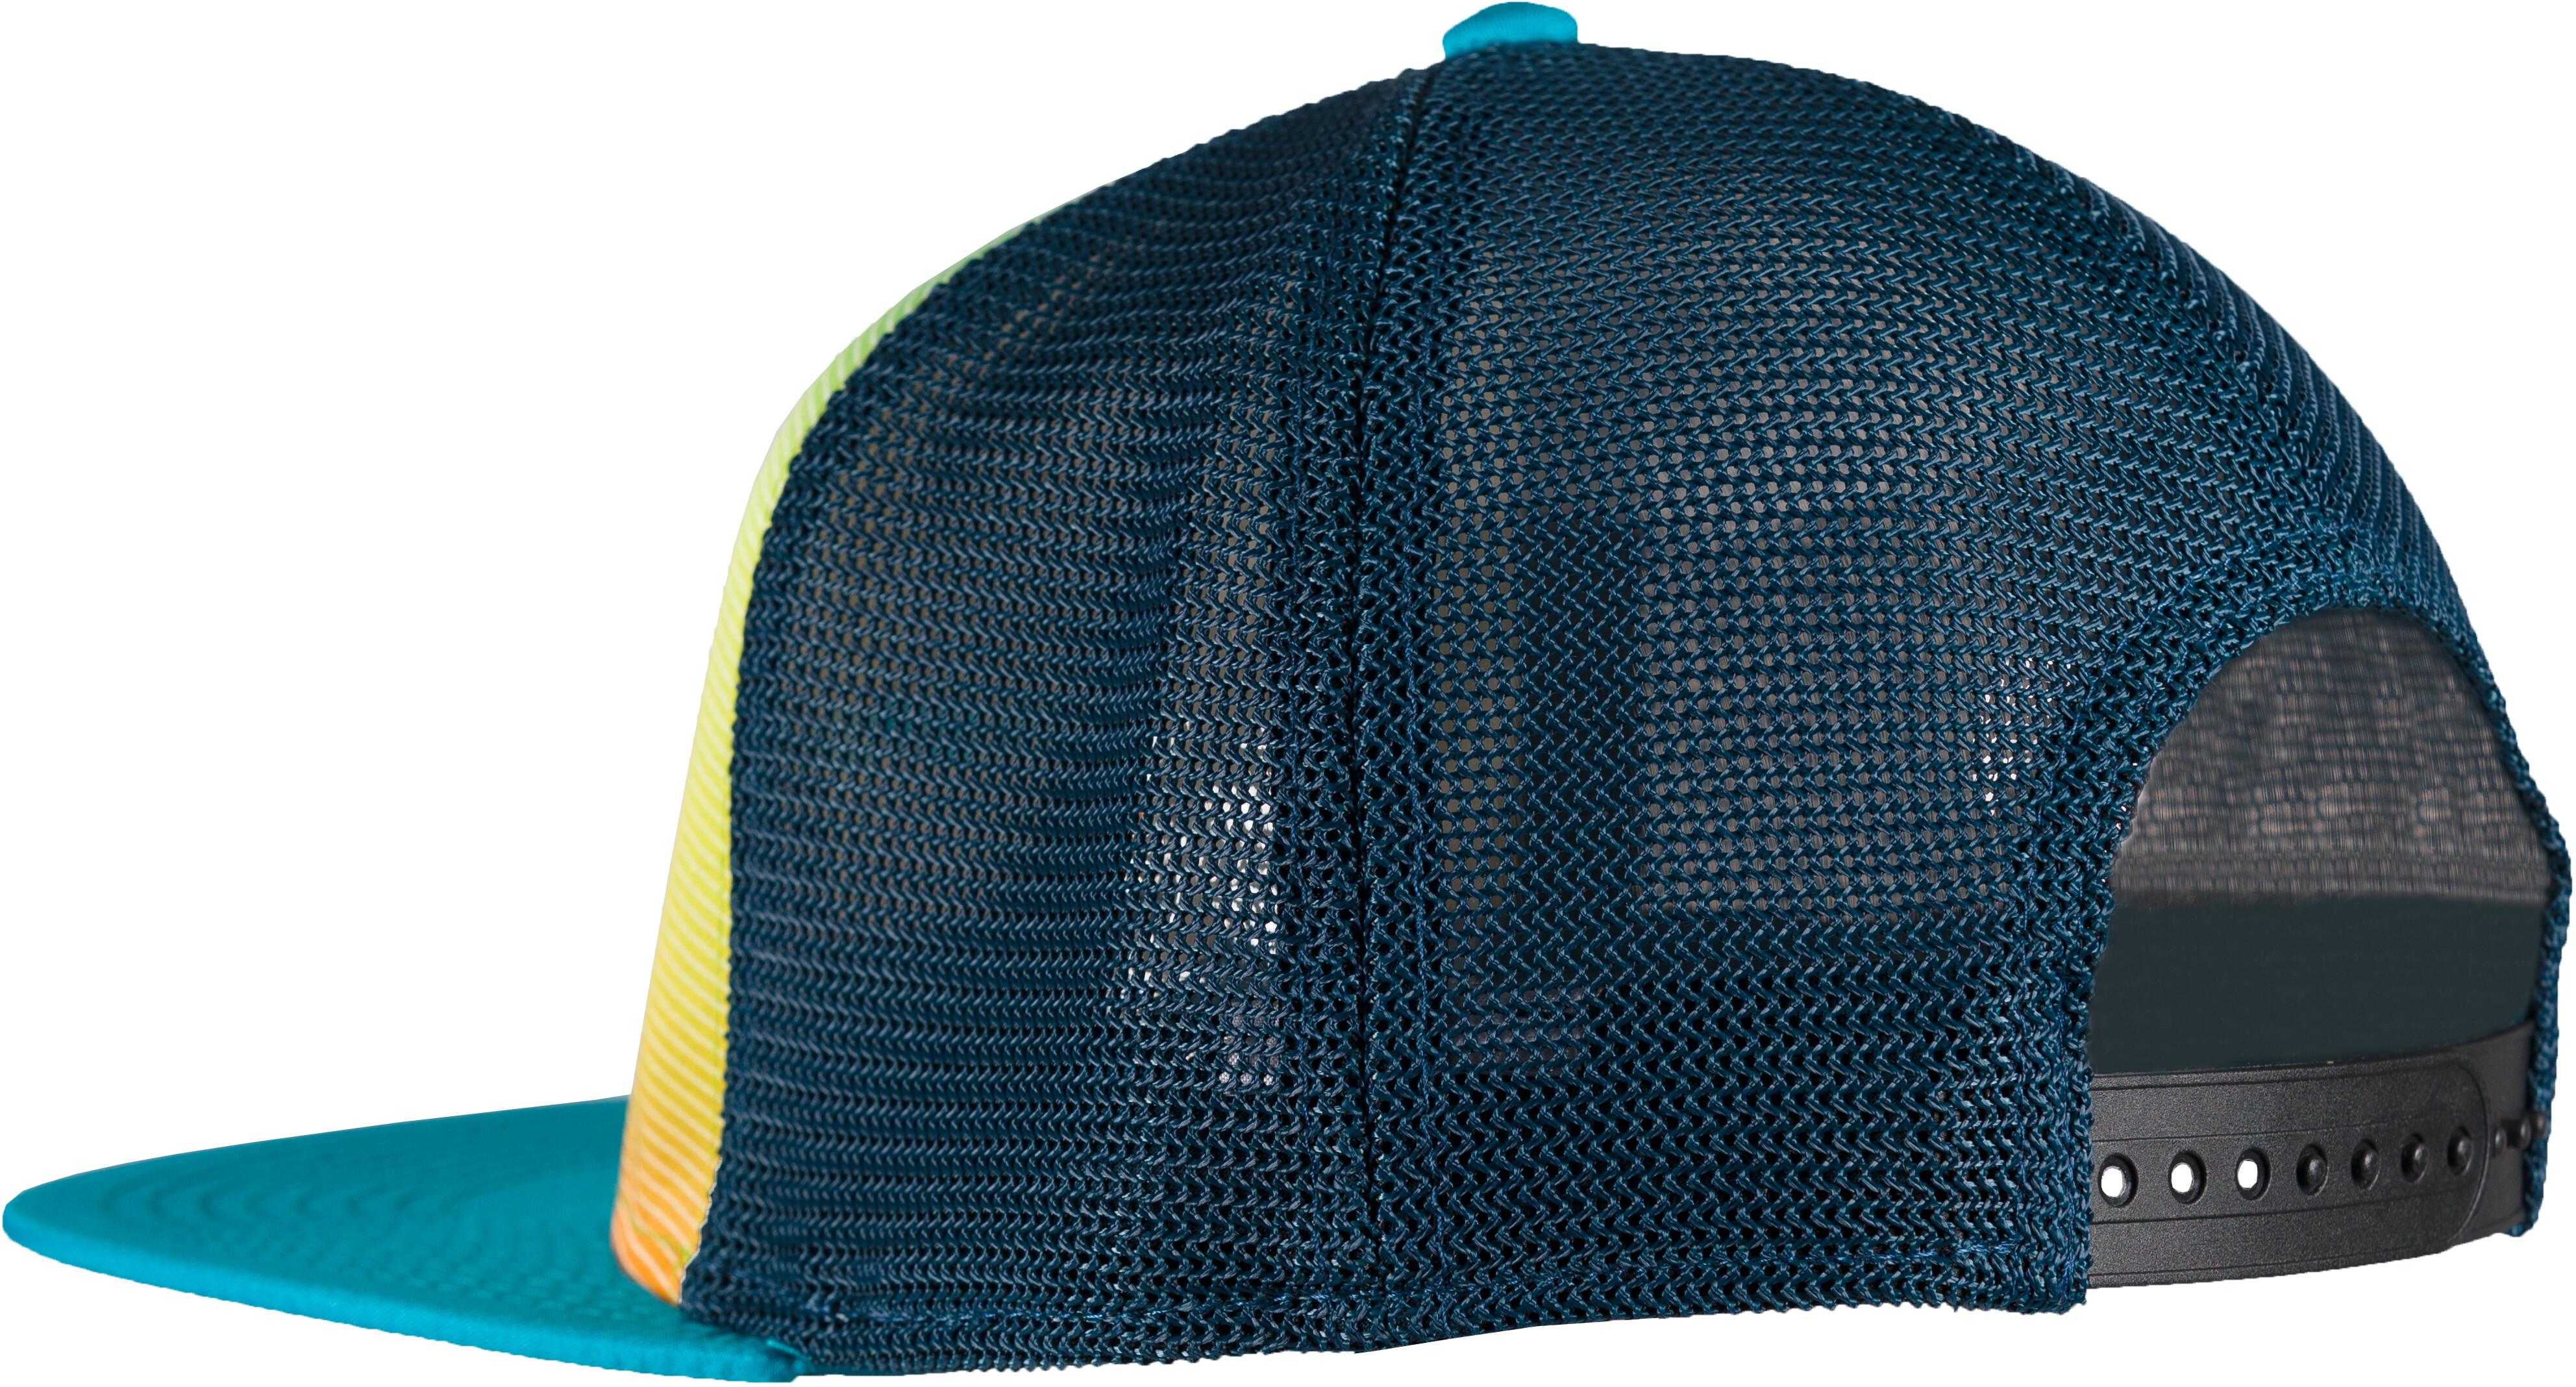 6c1566c28981b La Sportiva Fade Headwear green blue at Addnature.co.uk